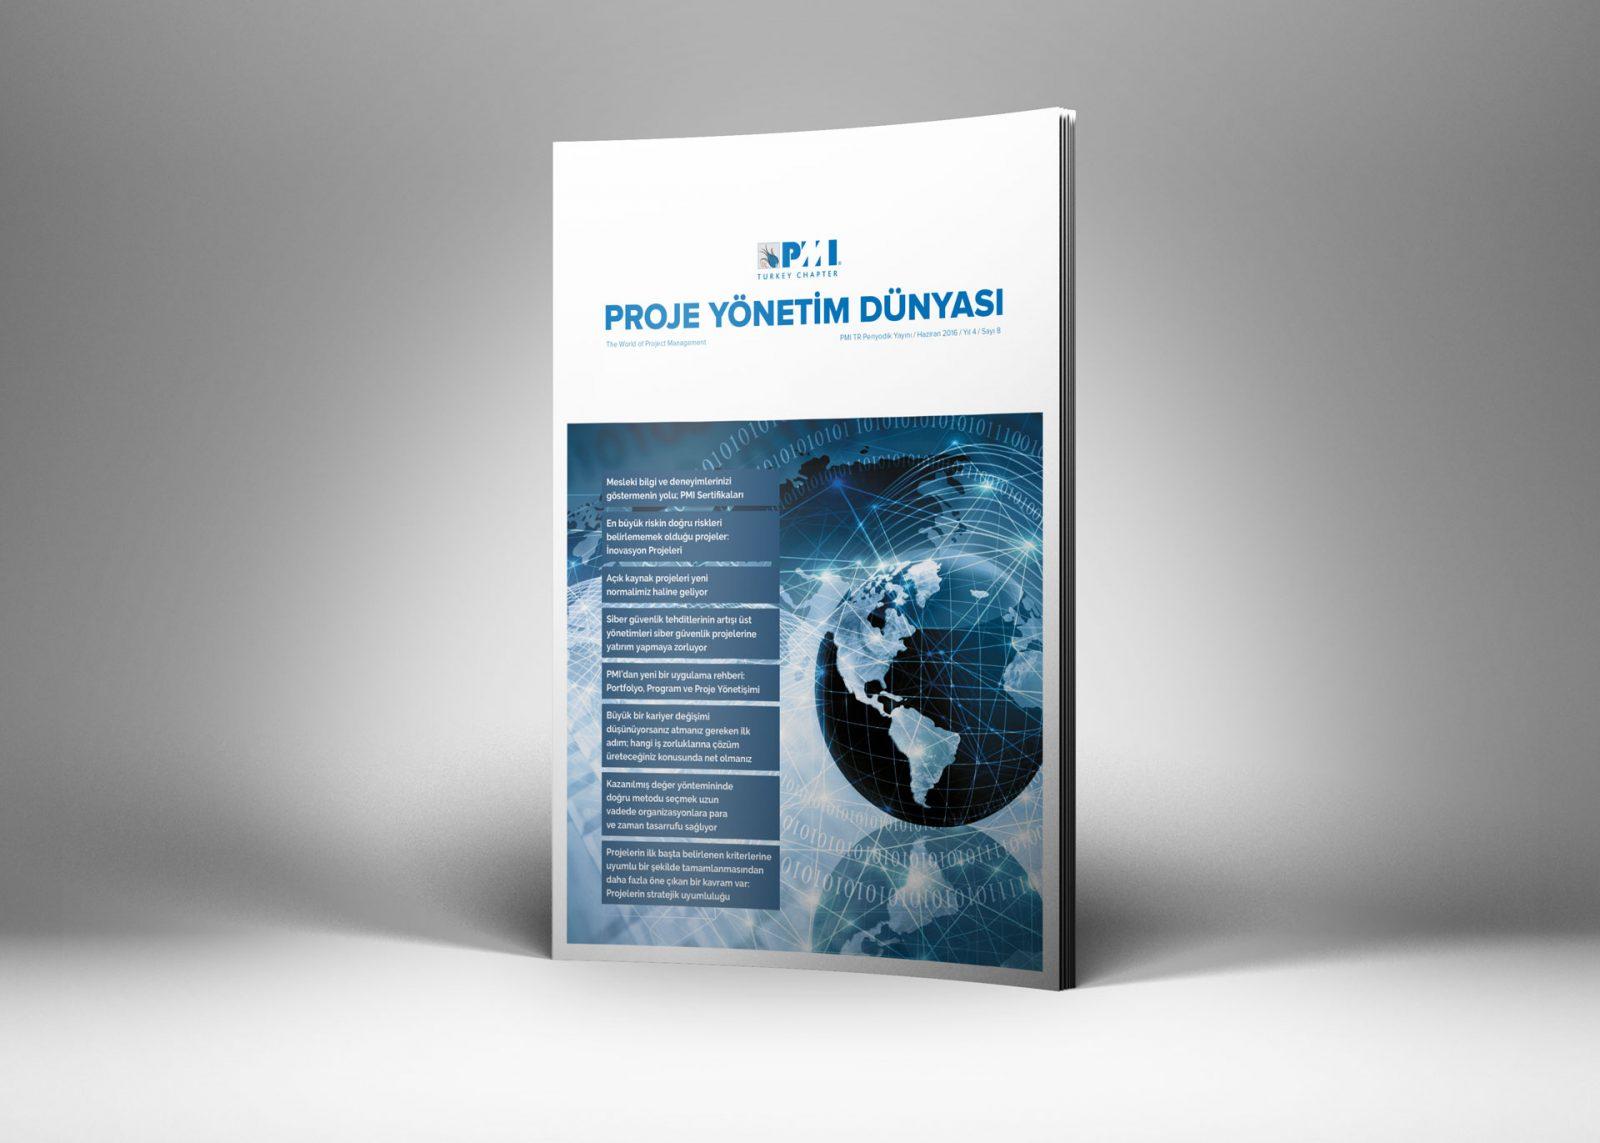 pmi tr dergi tasarımı 01